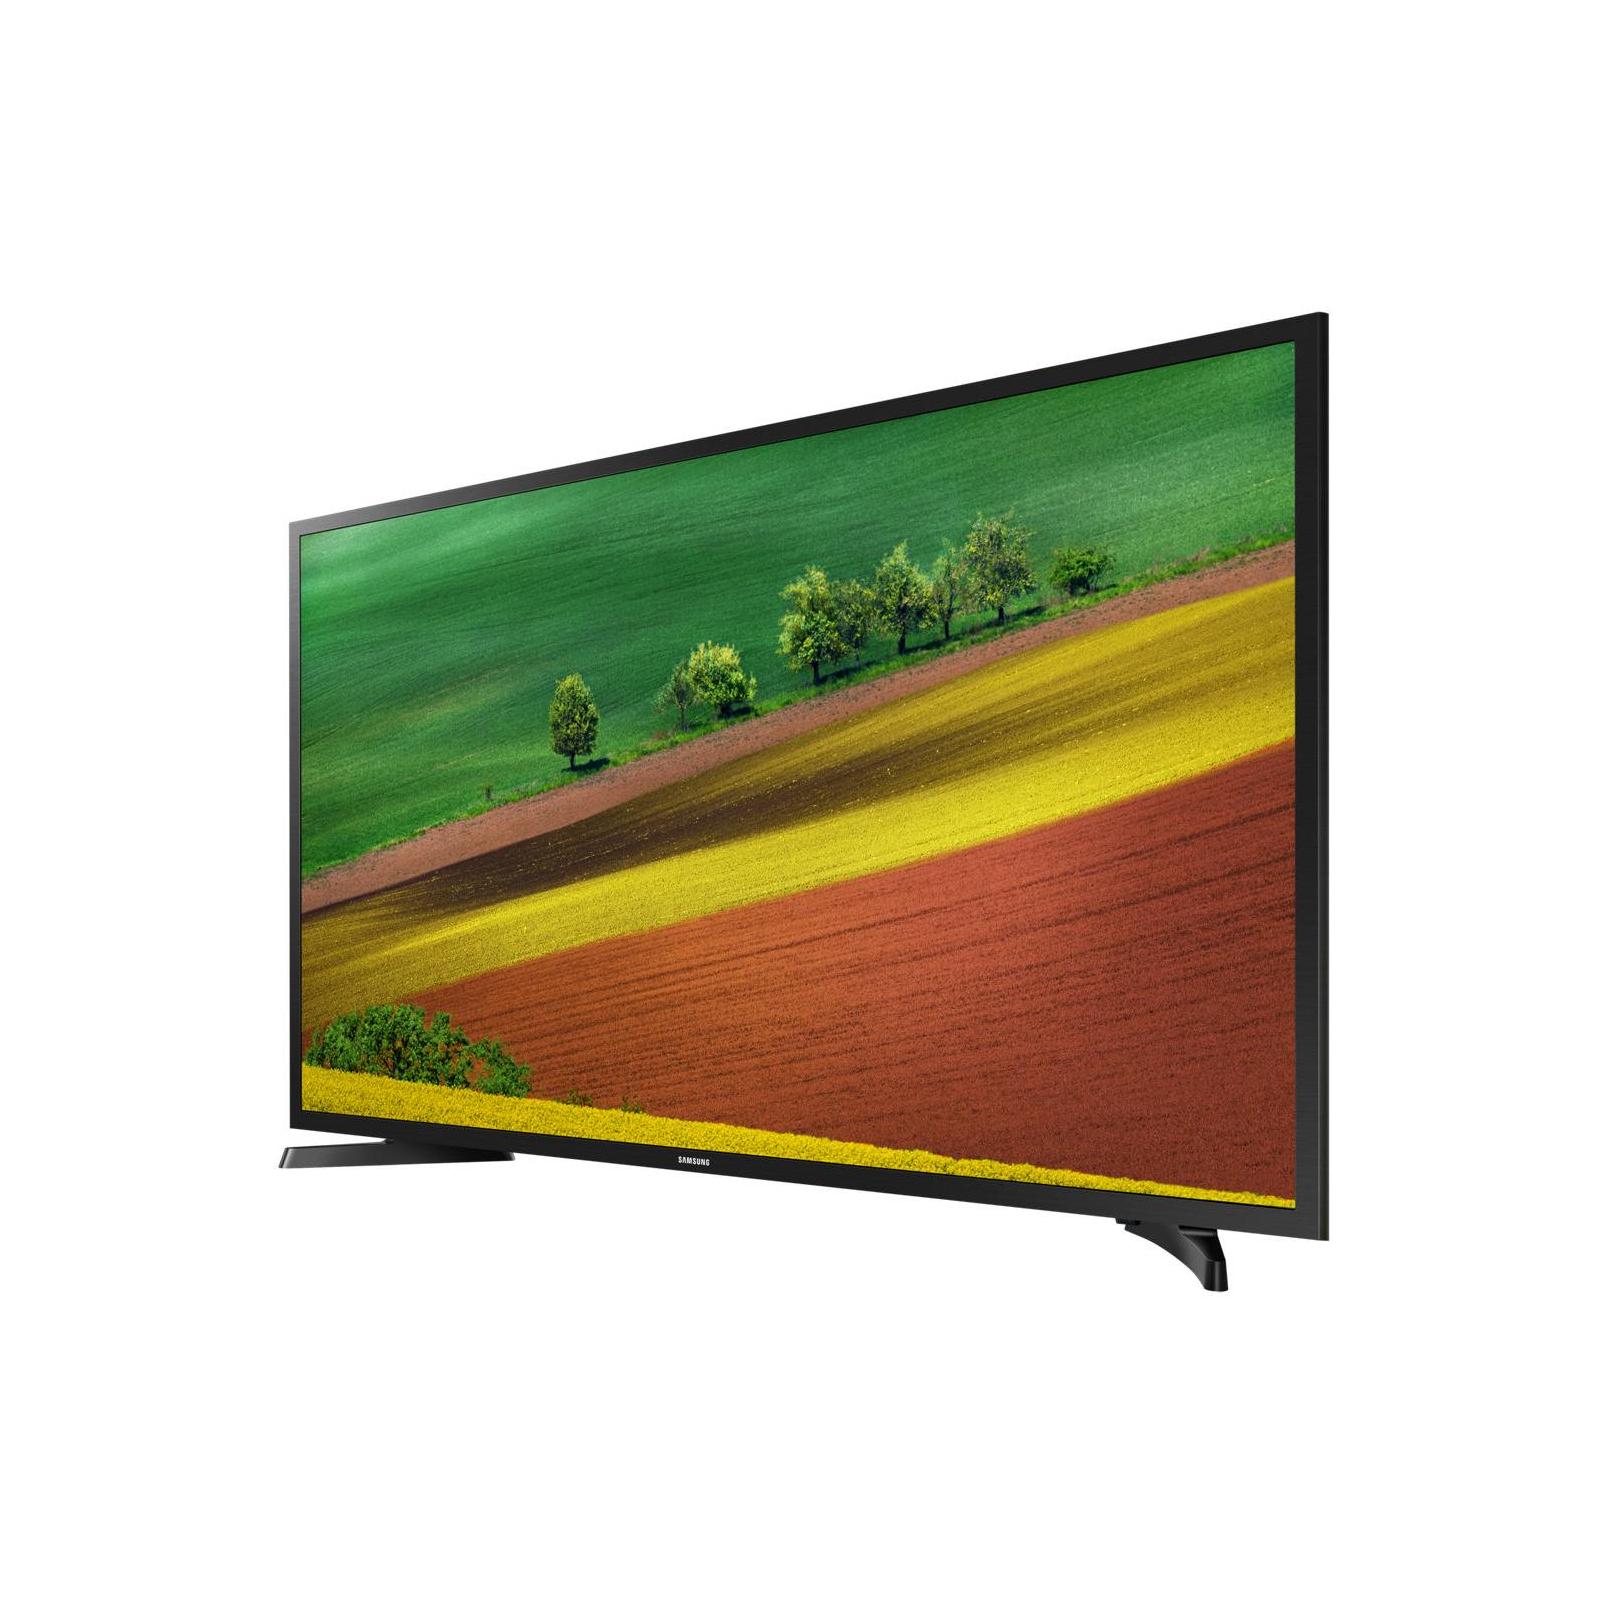 Телевизор Samsung UE32N4000AUXUA изображение 3